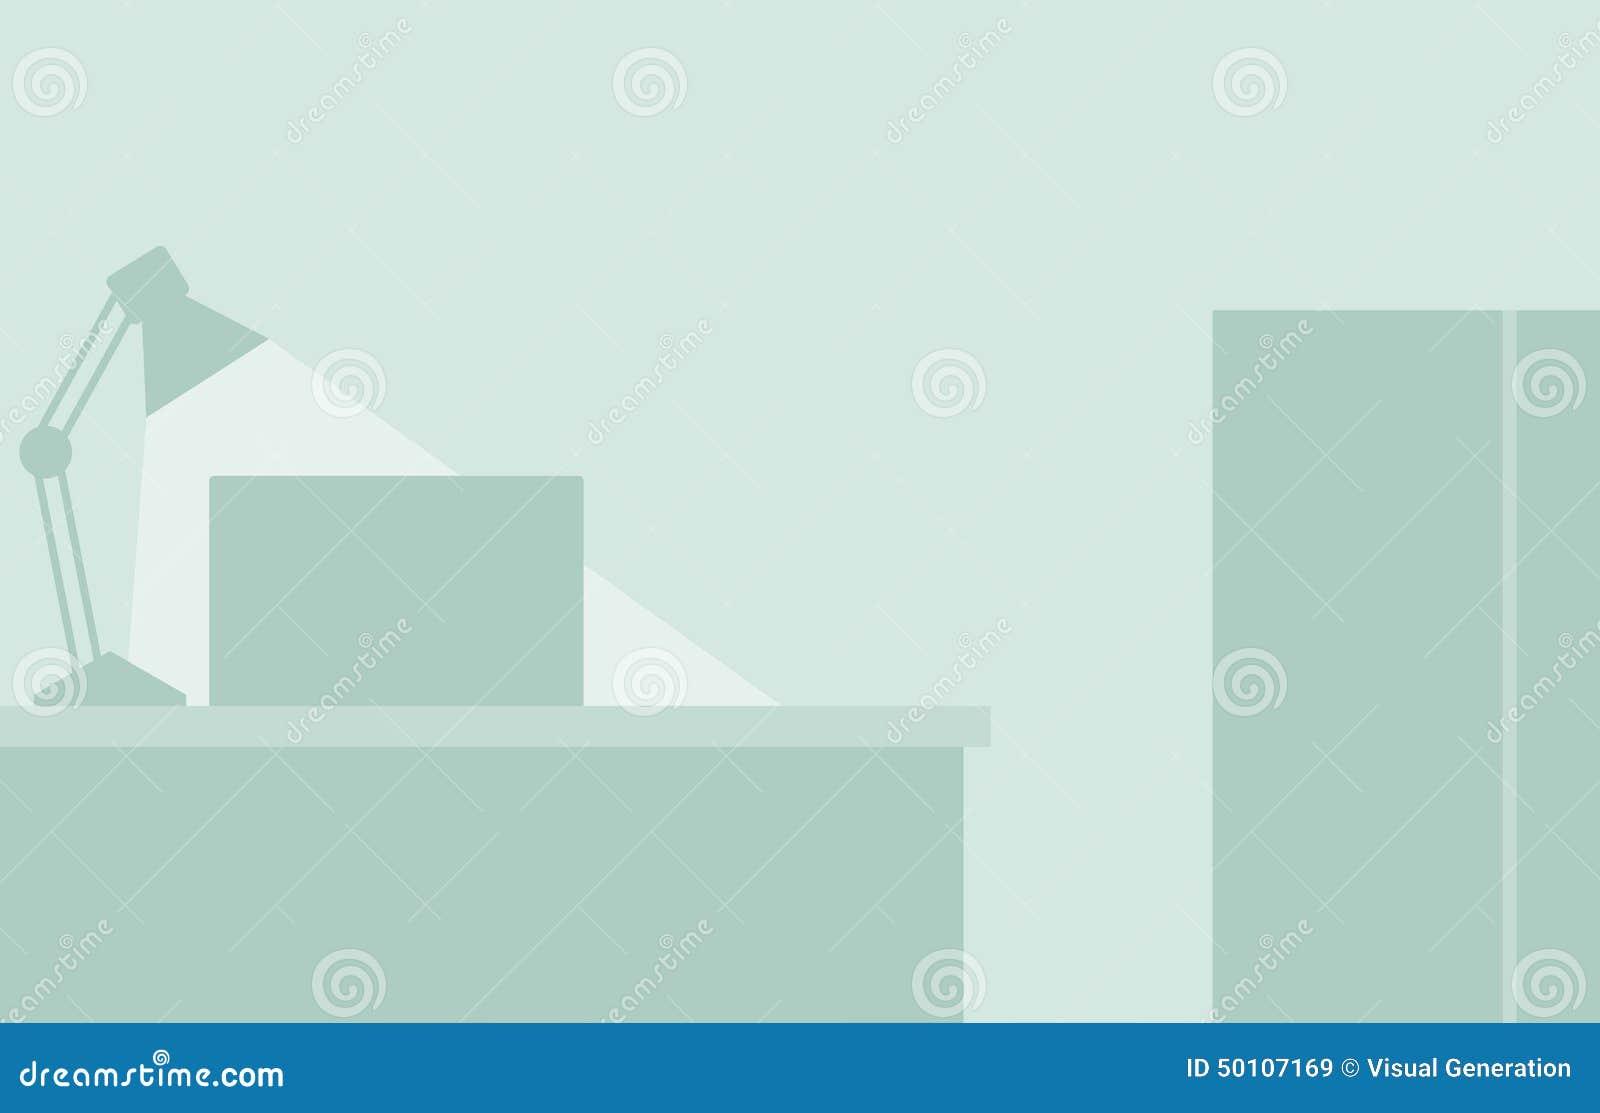 Flat Office Background Stock Illustration Image 50107169